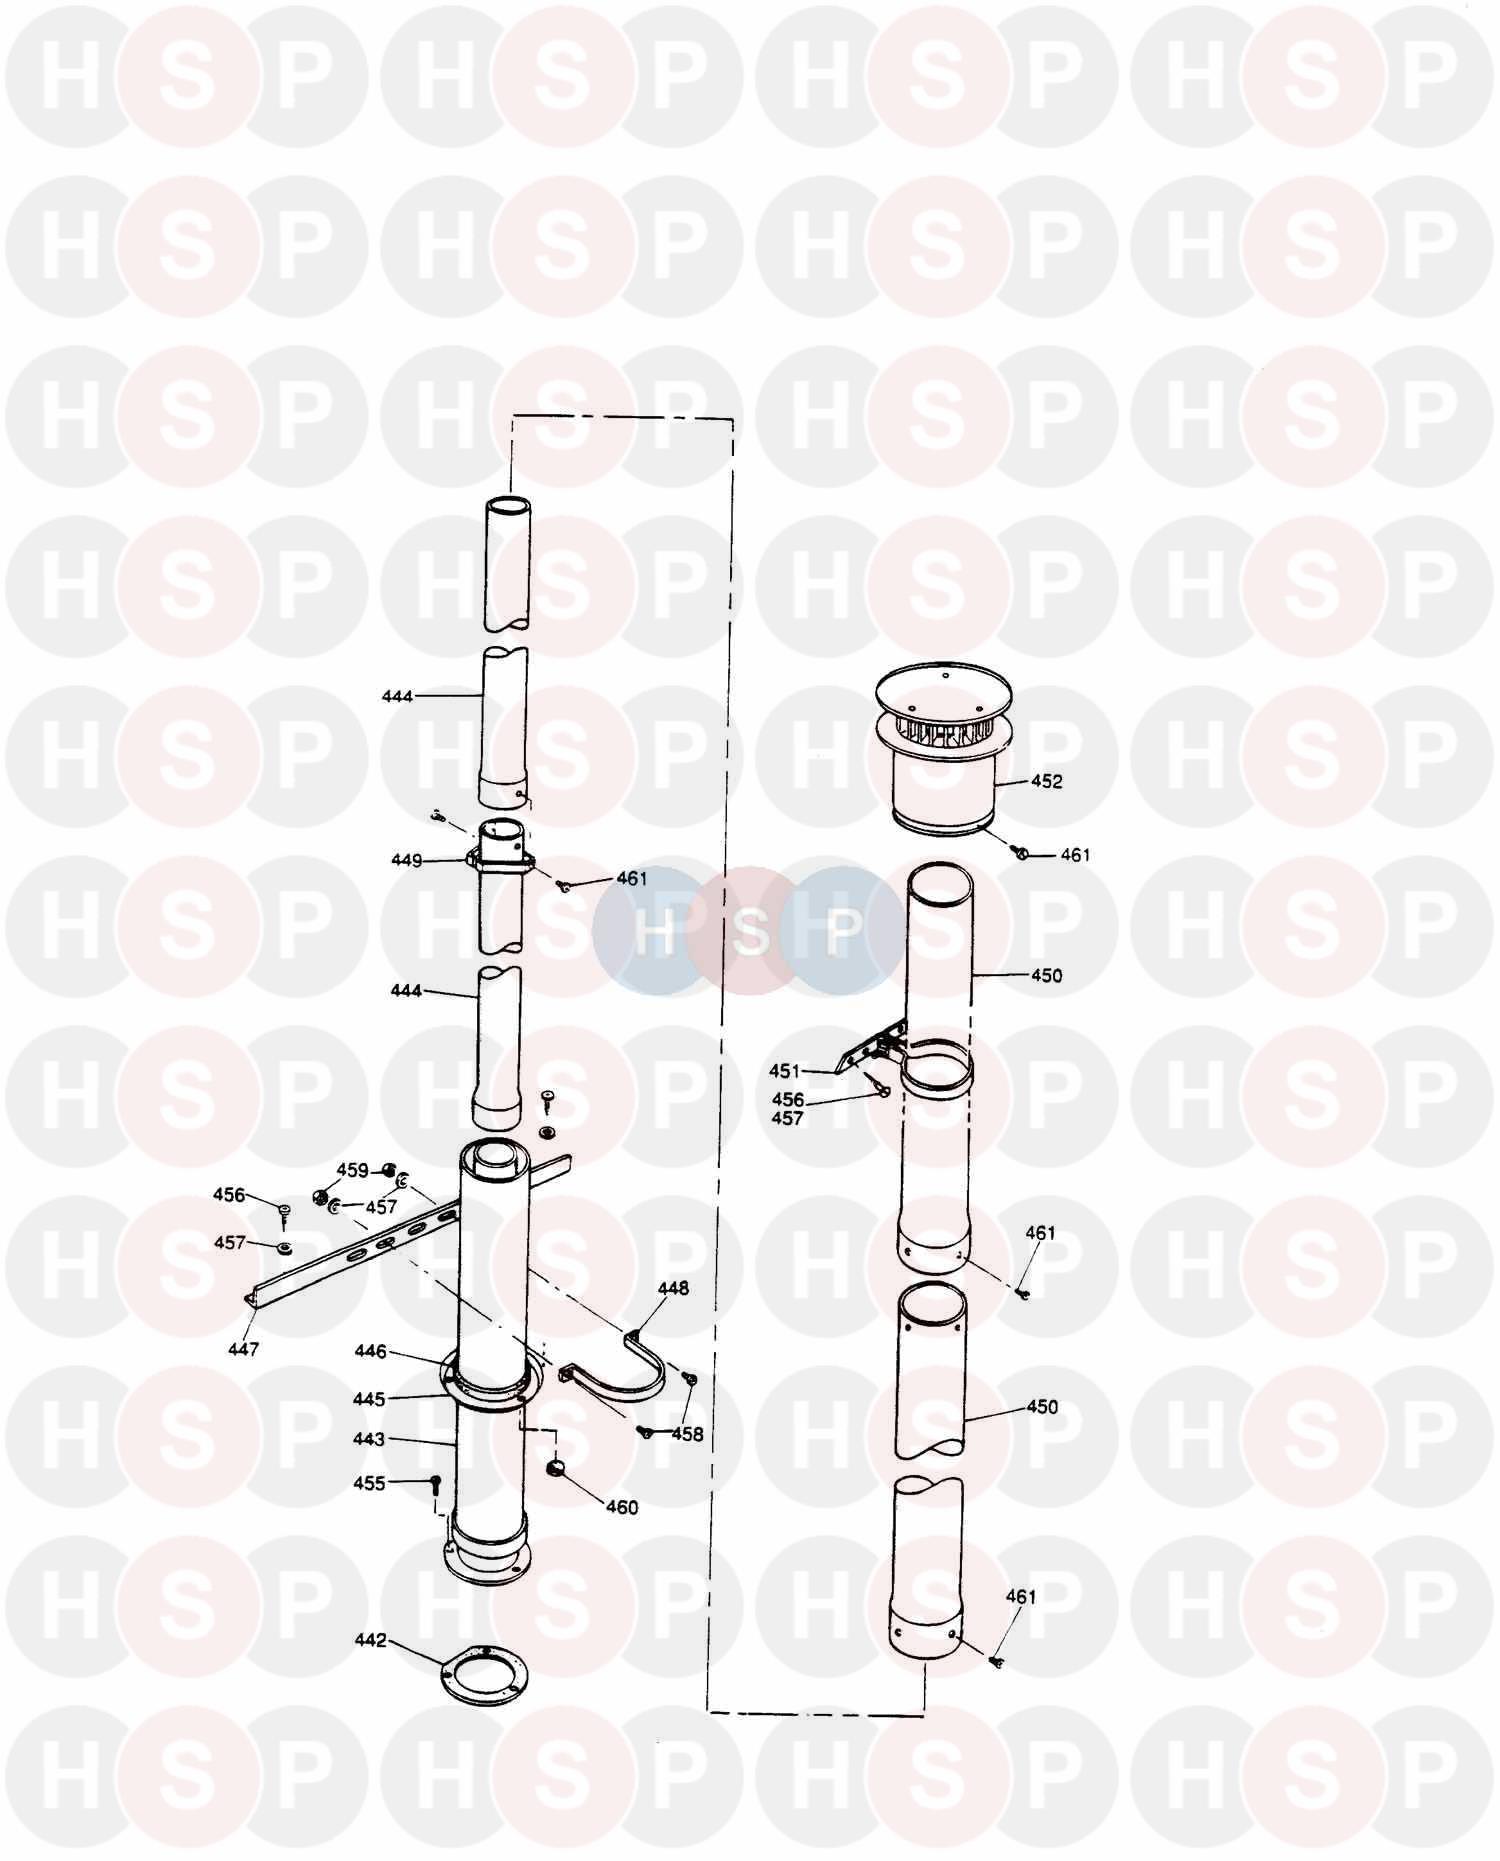 Potterton LYNX 2 LPG Appliance Diagram (2.6m Vertical Flue